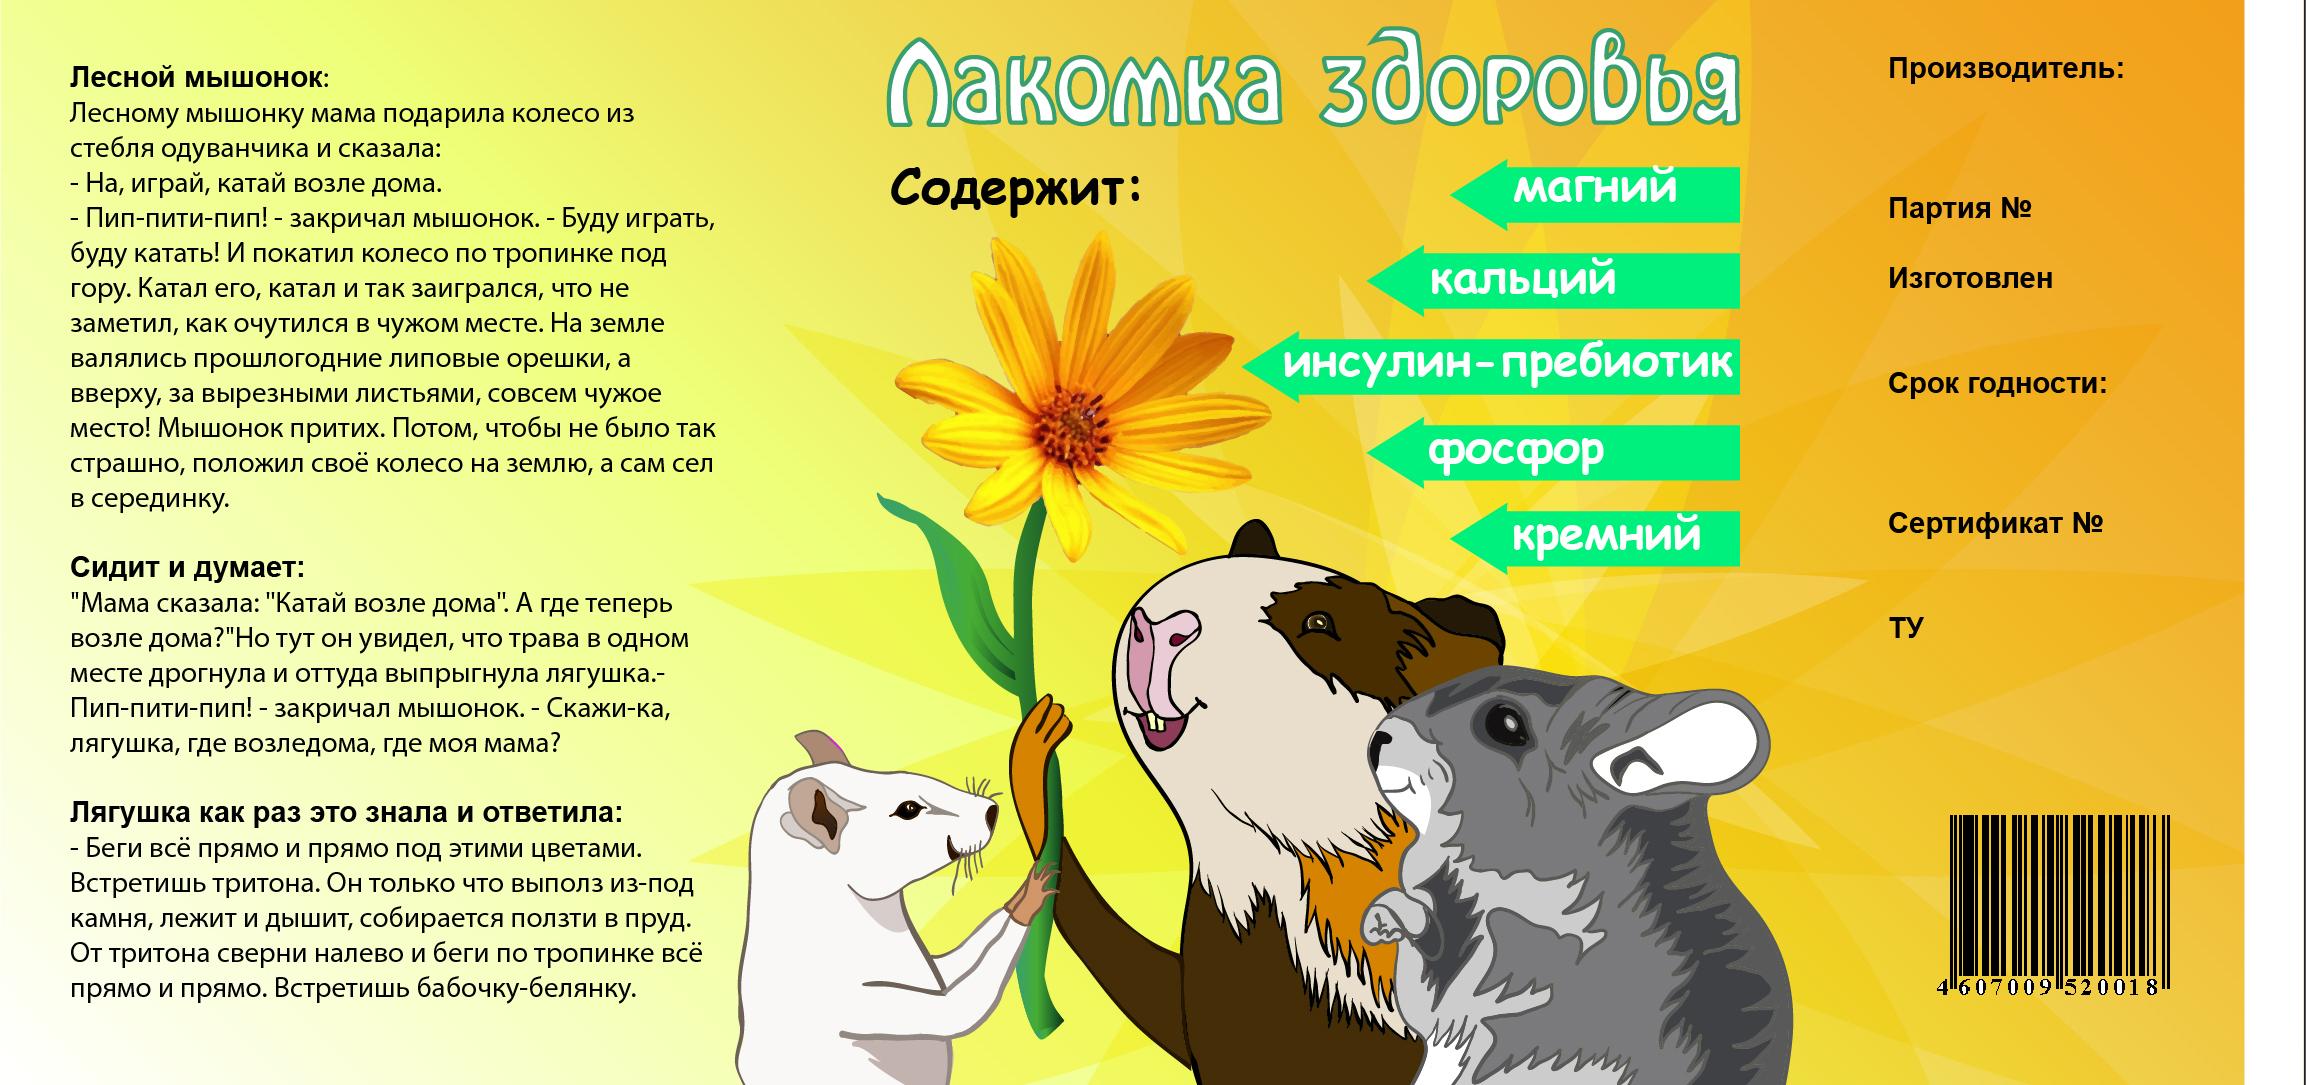 Дизайн этикетки на ПЭТ-банку лакомства для домашних грызунов фото f_10653a6bb4bd6c30.jpg